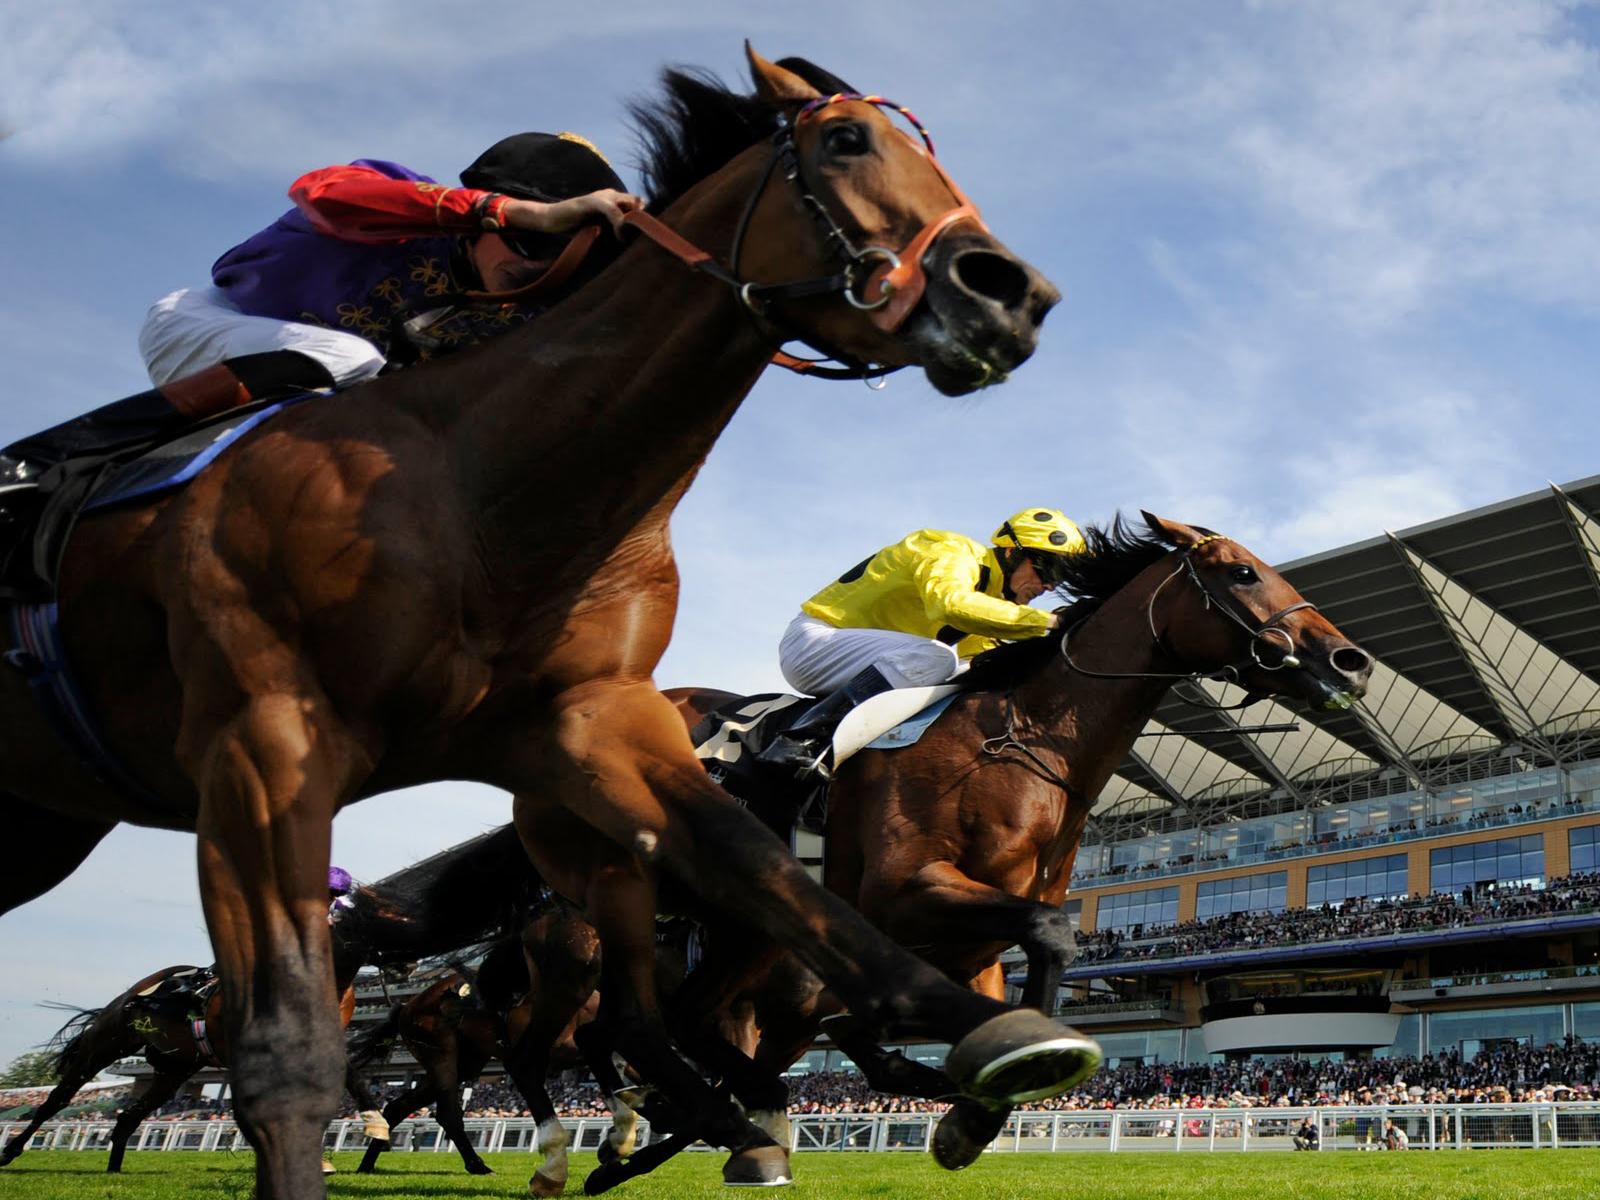 صور اجمل خيول في العالم , اجمل سباق للخيول